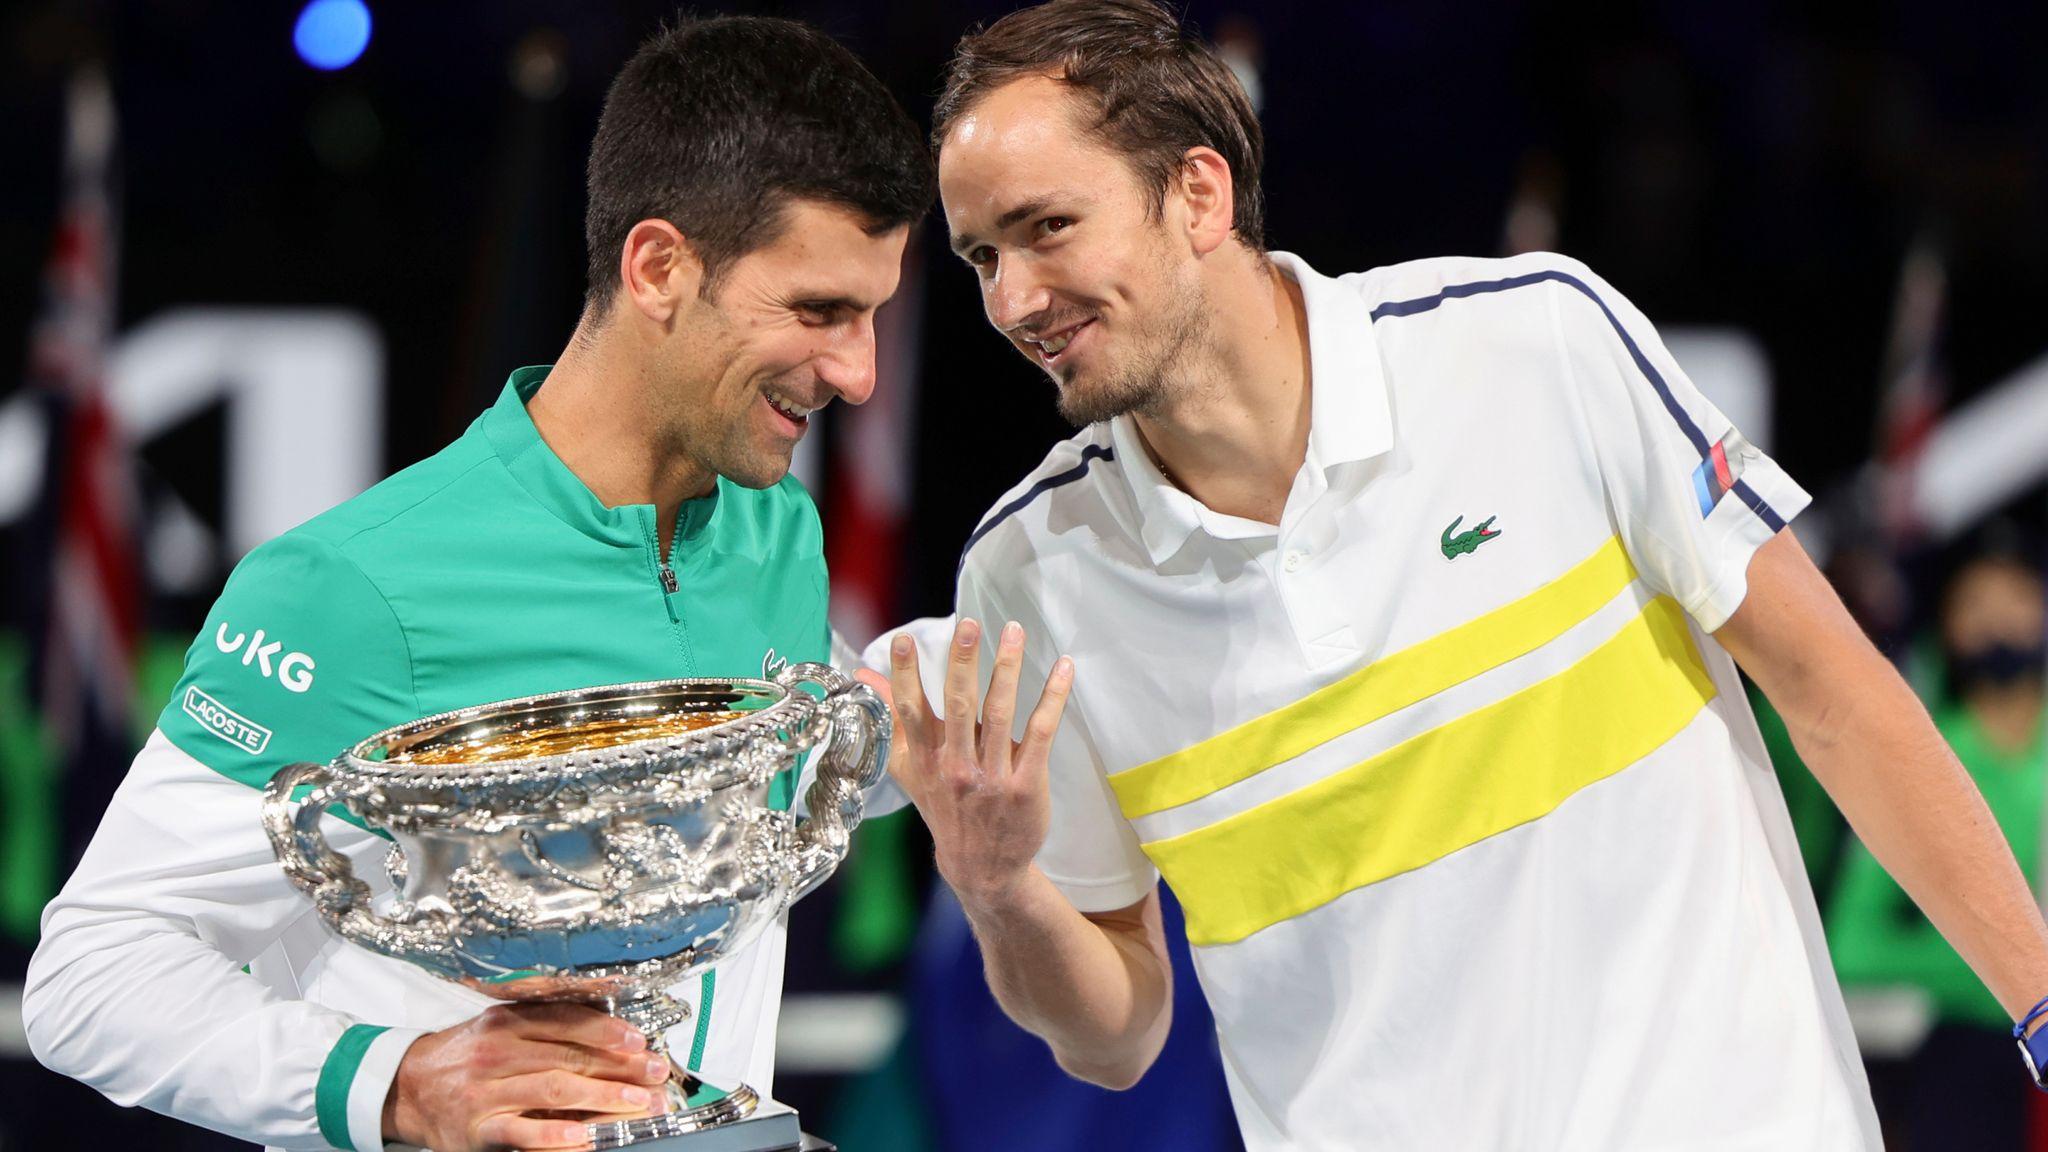 Медведев стал третьей ракеткой мира, Карацев переместился на 72 позиции вверх в рейтинге АТР